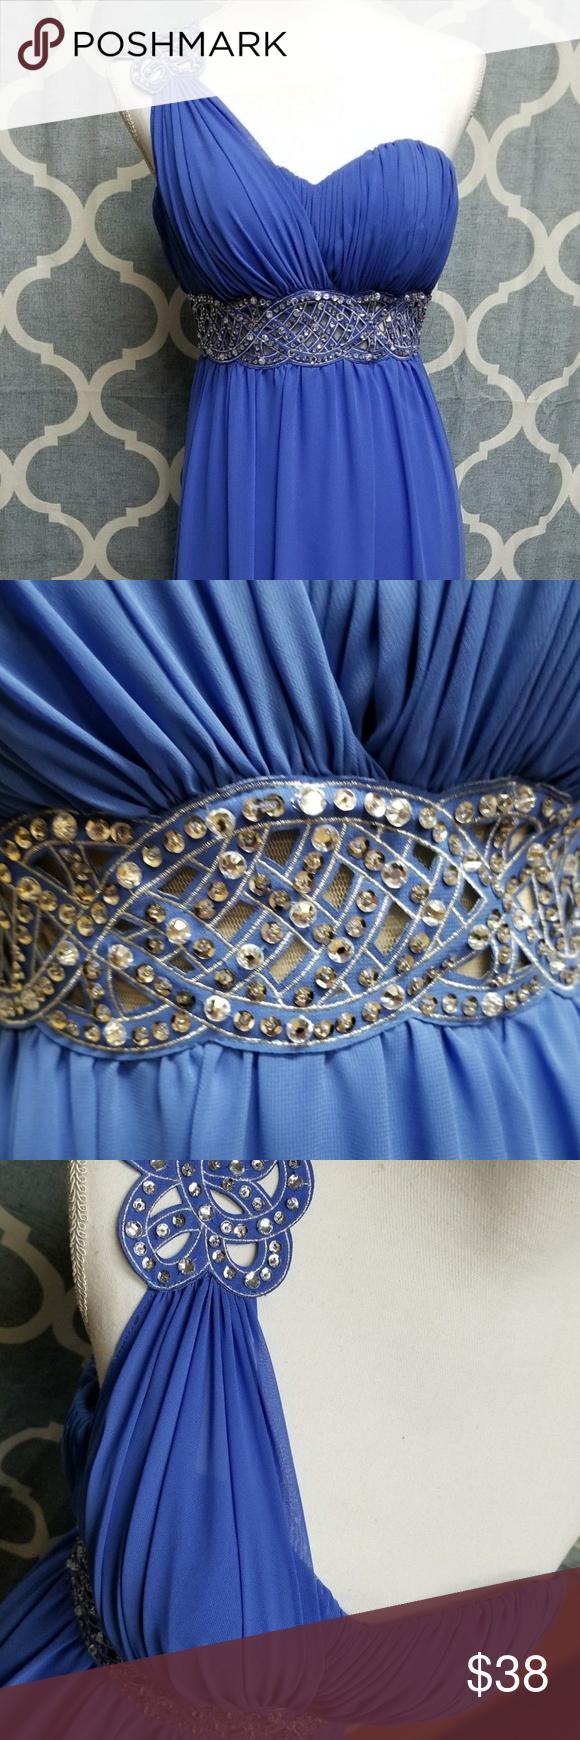 B darlin prom dress blue sz greek one shoulder my posh closet